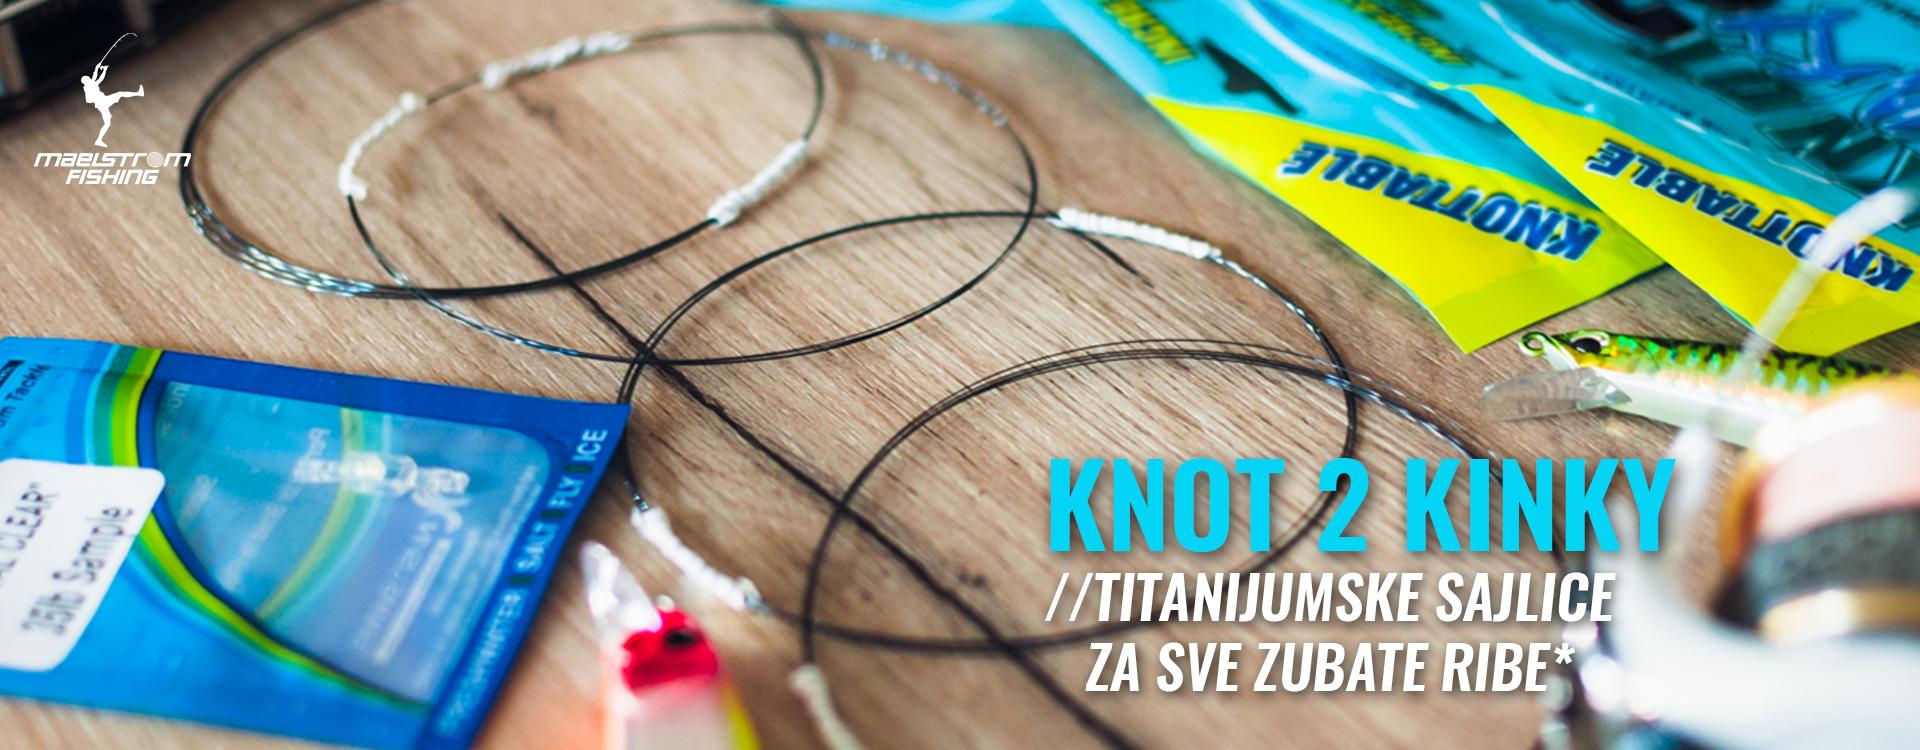 knot 2 kinky